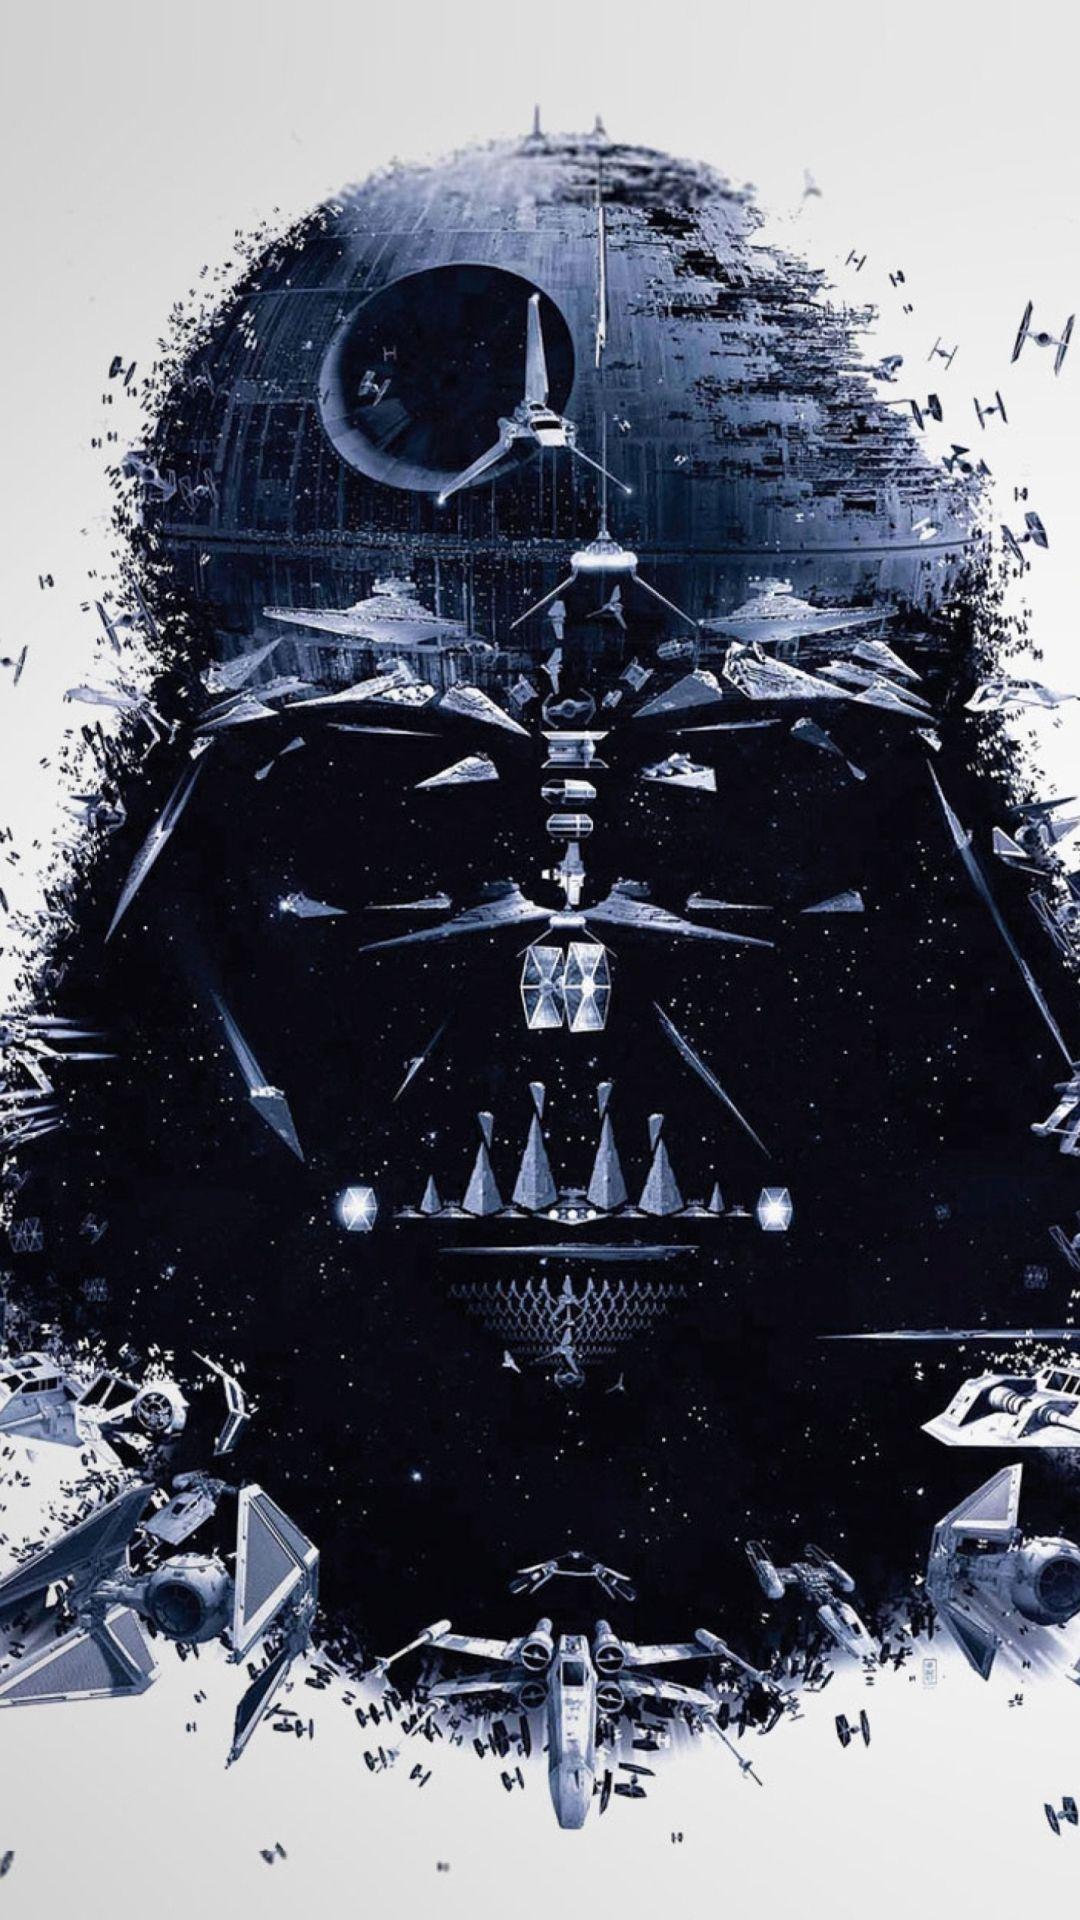 Darth Vader Star Wars Wallpaper 1080x1920 Poster Con Illustrazioni Immagini Illustrazioni